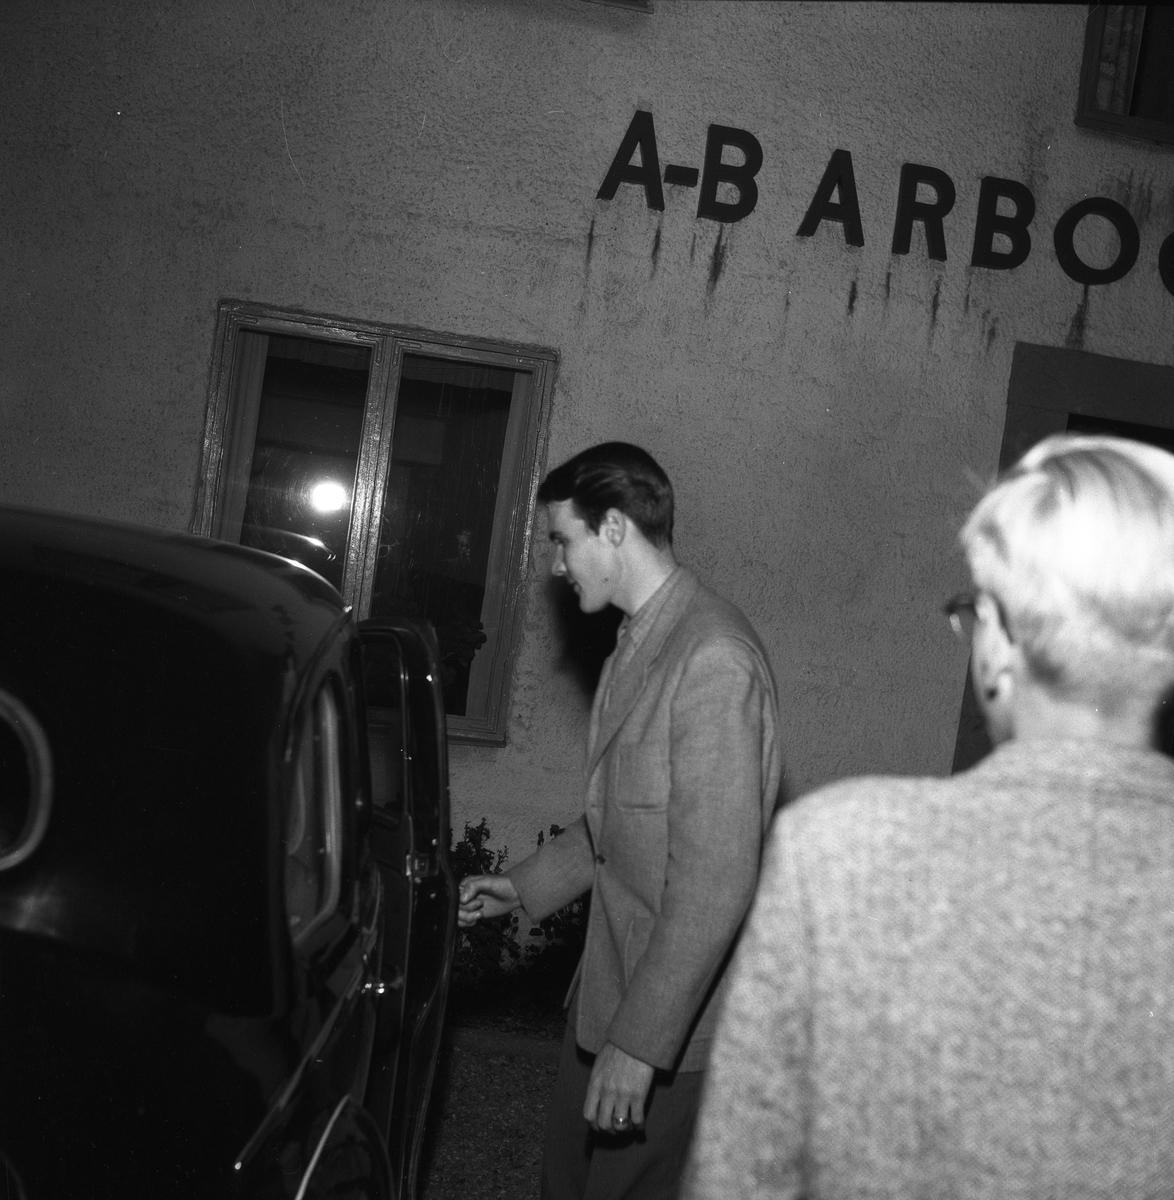 Arboga Maskiner, entré. En man öppnar en bildörr. Mannen är klädd i kavaj och har förlovningsring på fingret.  En annan man står i förgrunden, med ryggen mot kameran. Mannen vid bilen är Göte Wahlfeldt, arbetsstudieingenjör vid AB Arboga Maskiner.  Företaget startade 1934 och tillverkar borr- och slipmaskiner.